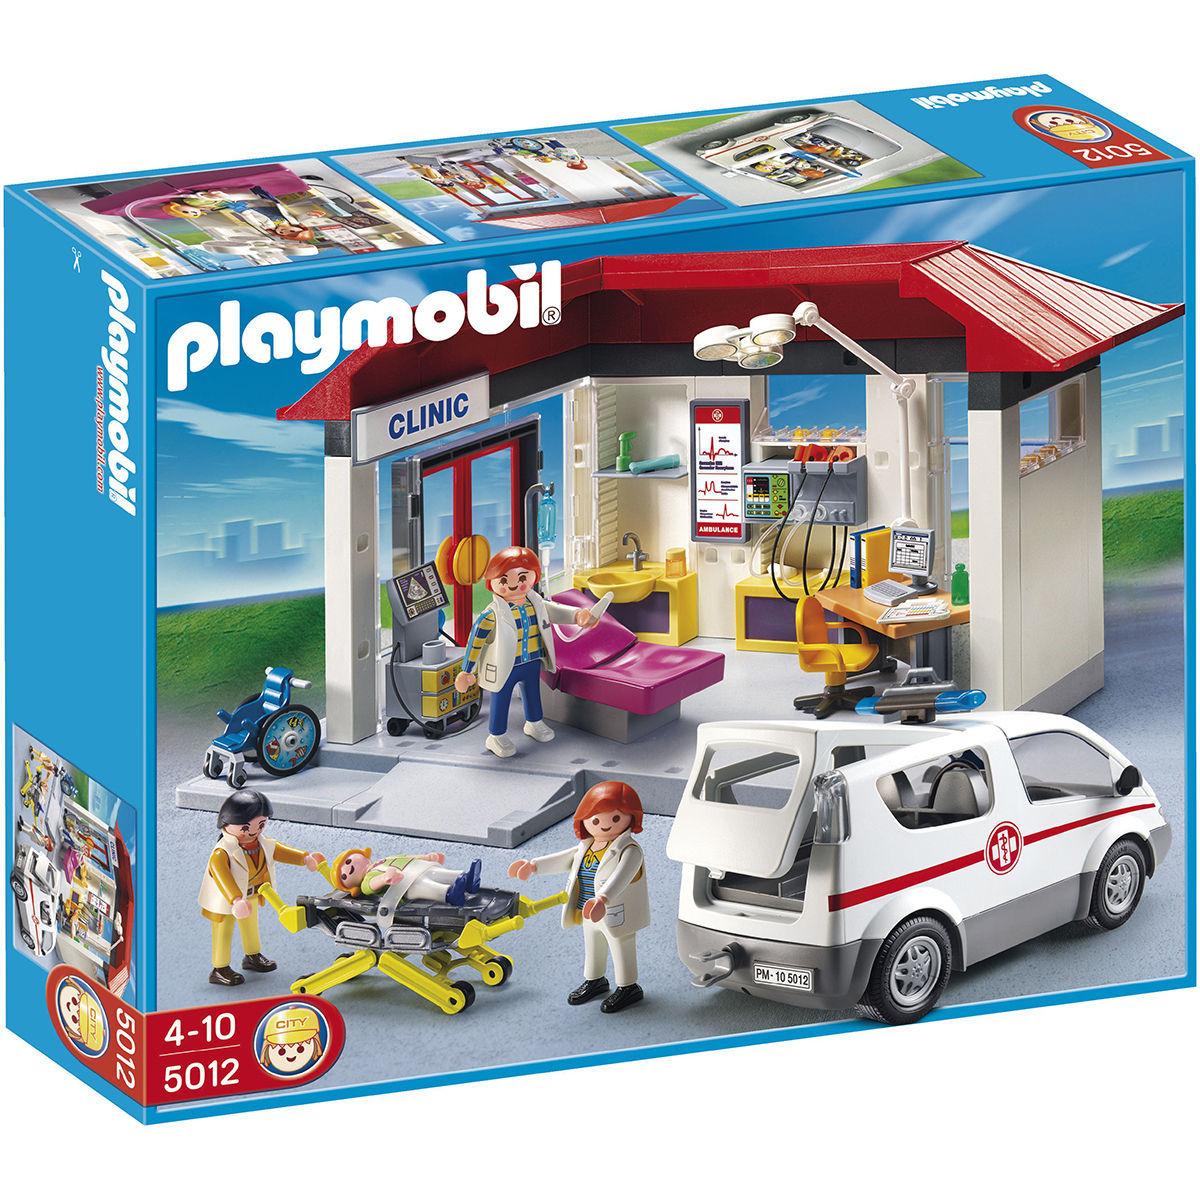 Playmobil Ambulanz mit Krankenwagen (5012) für 29,99€ bei Abholung @[Karstadt]